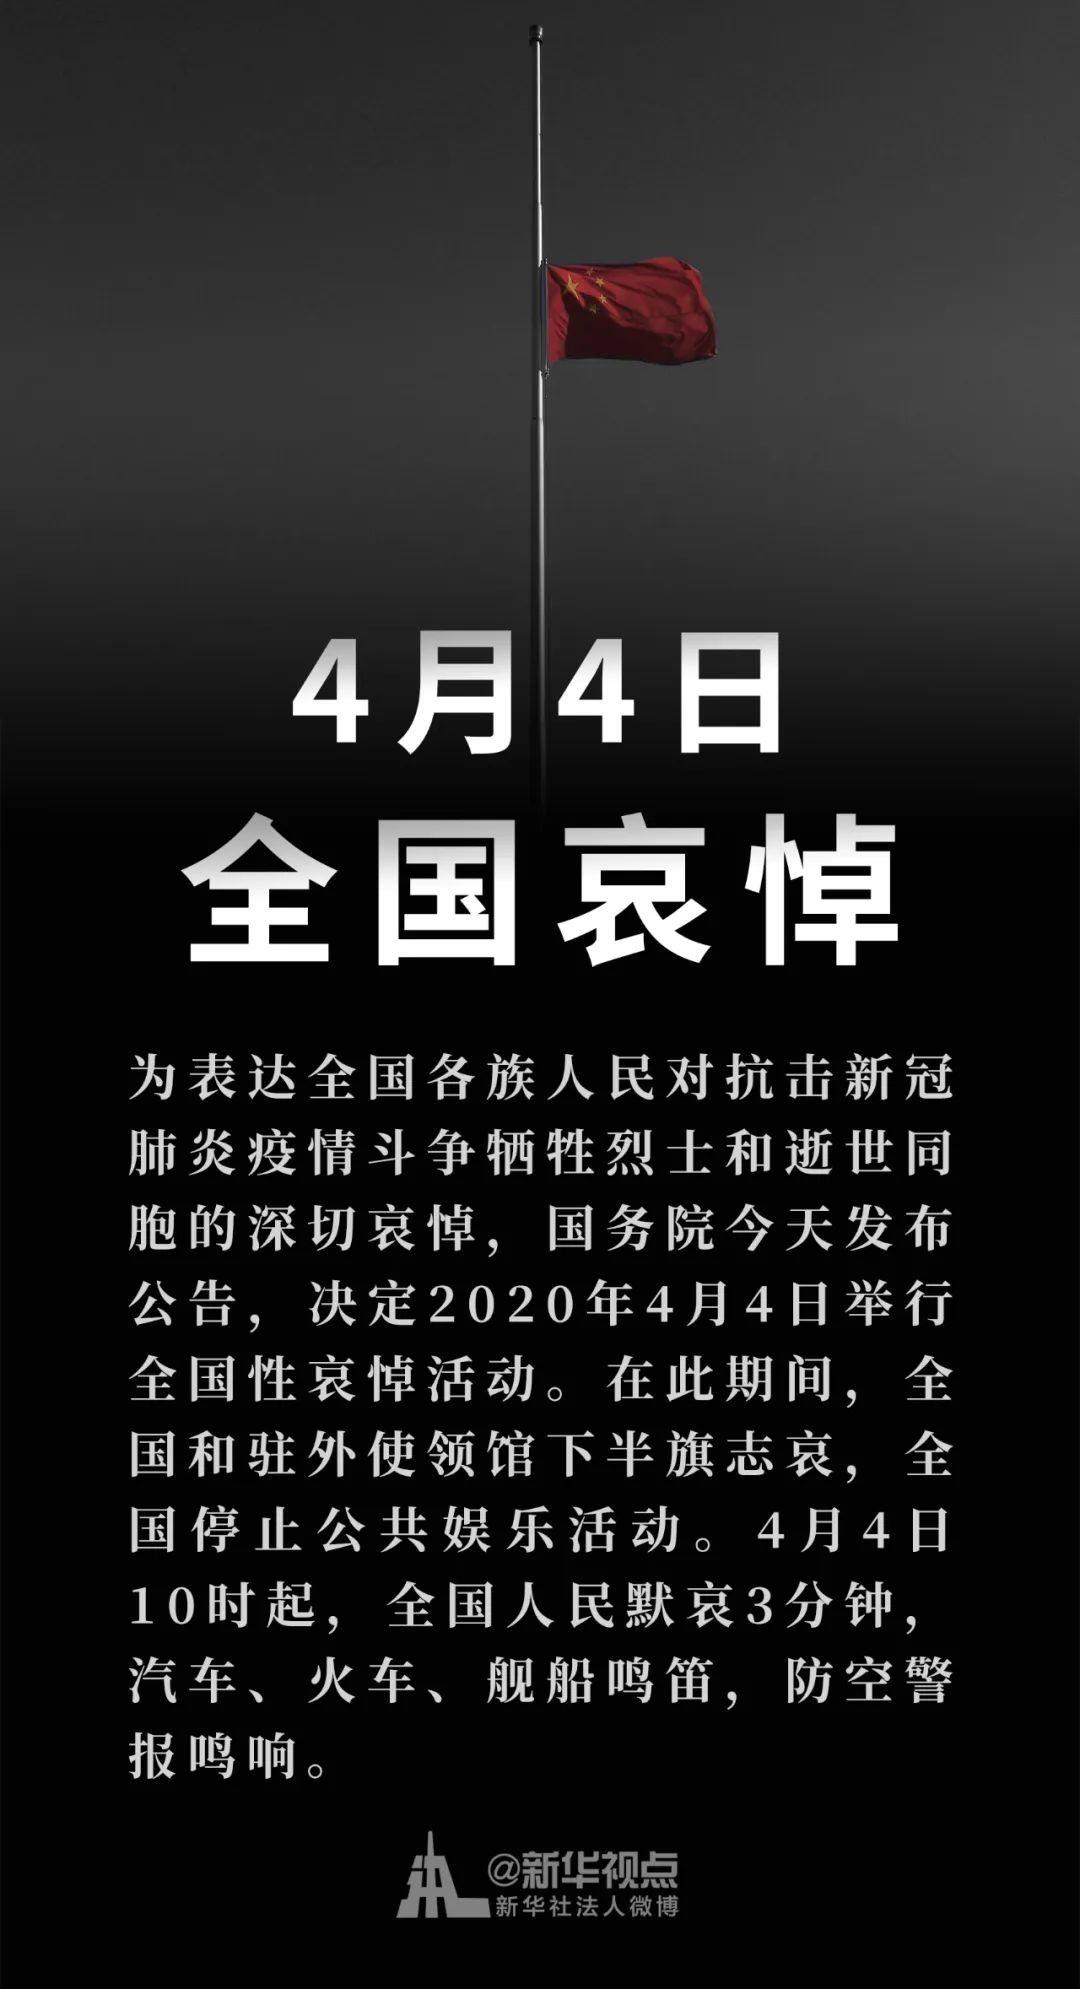 4月4日举行全国性哀悼活动